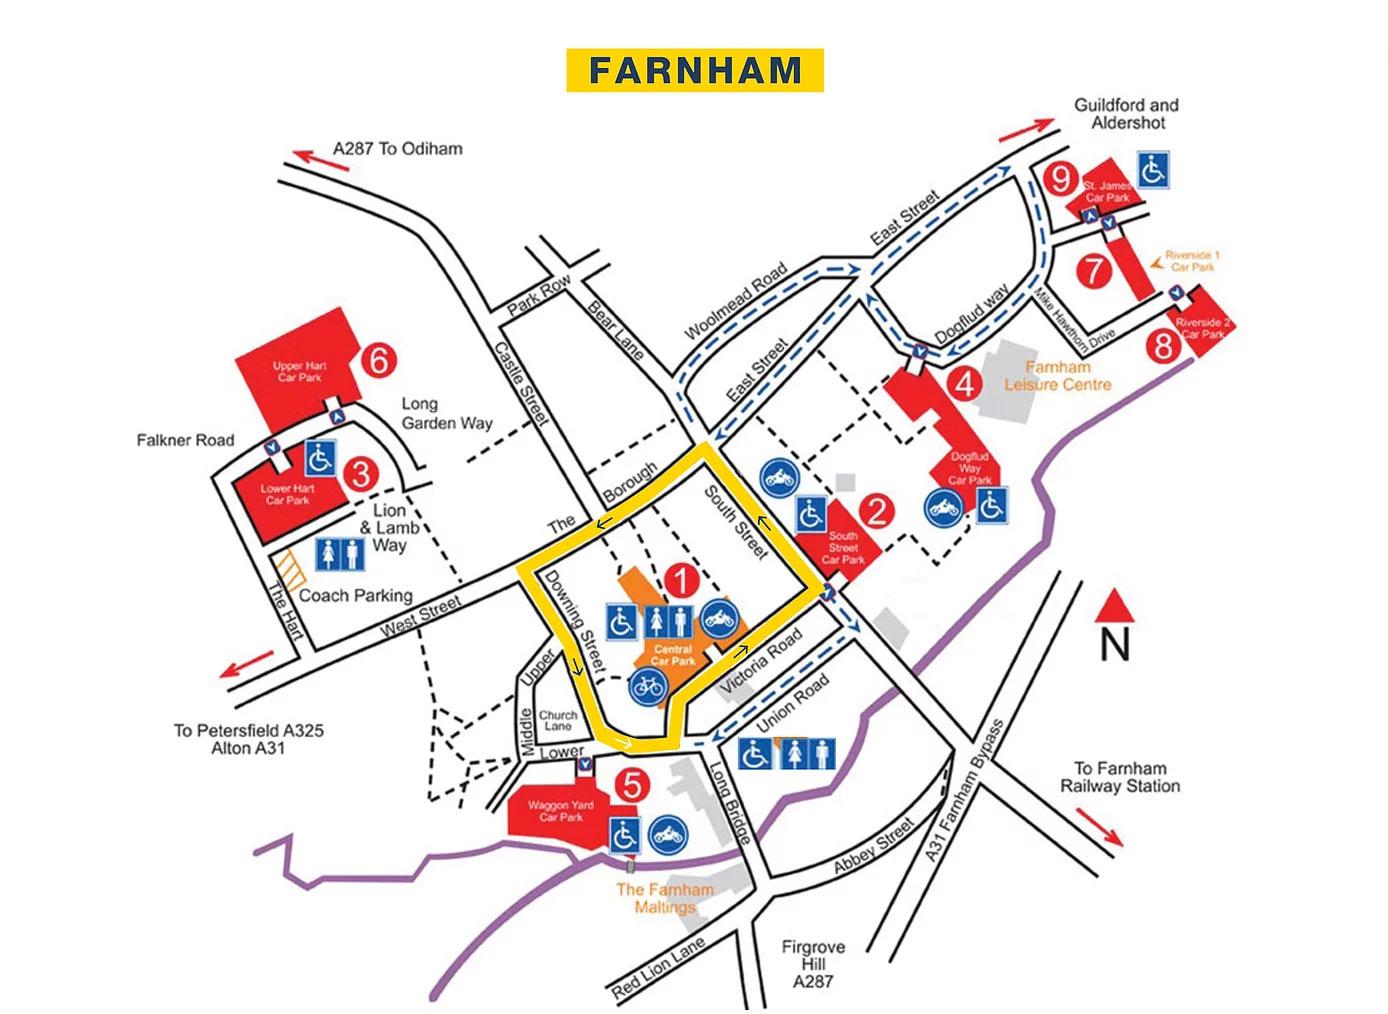 farnham-town-centre-races-2019-route-map